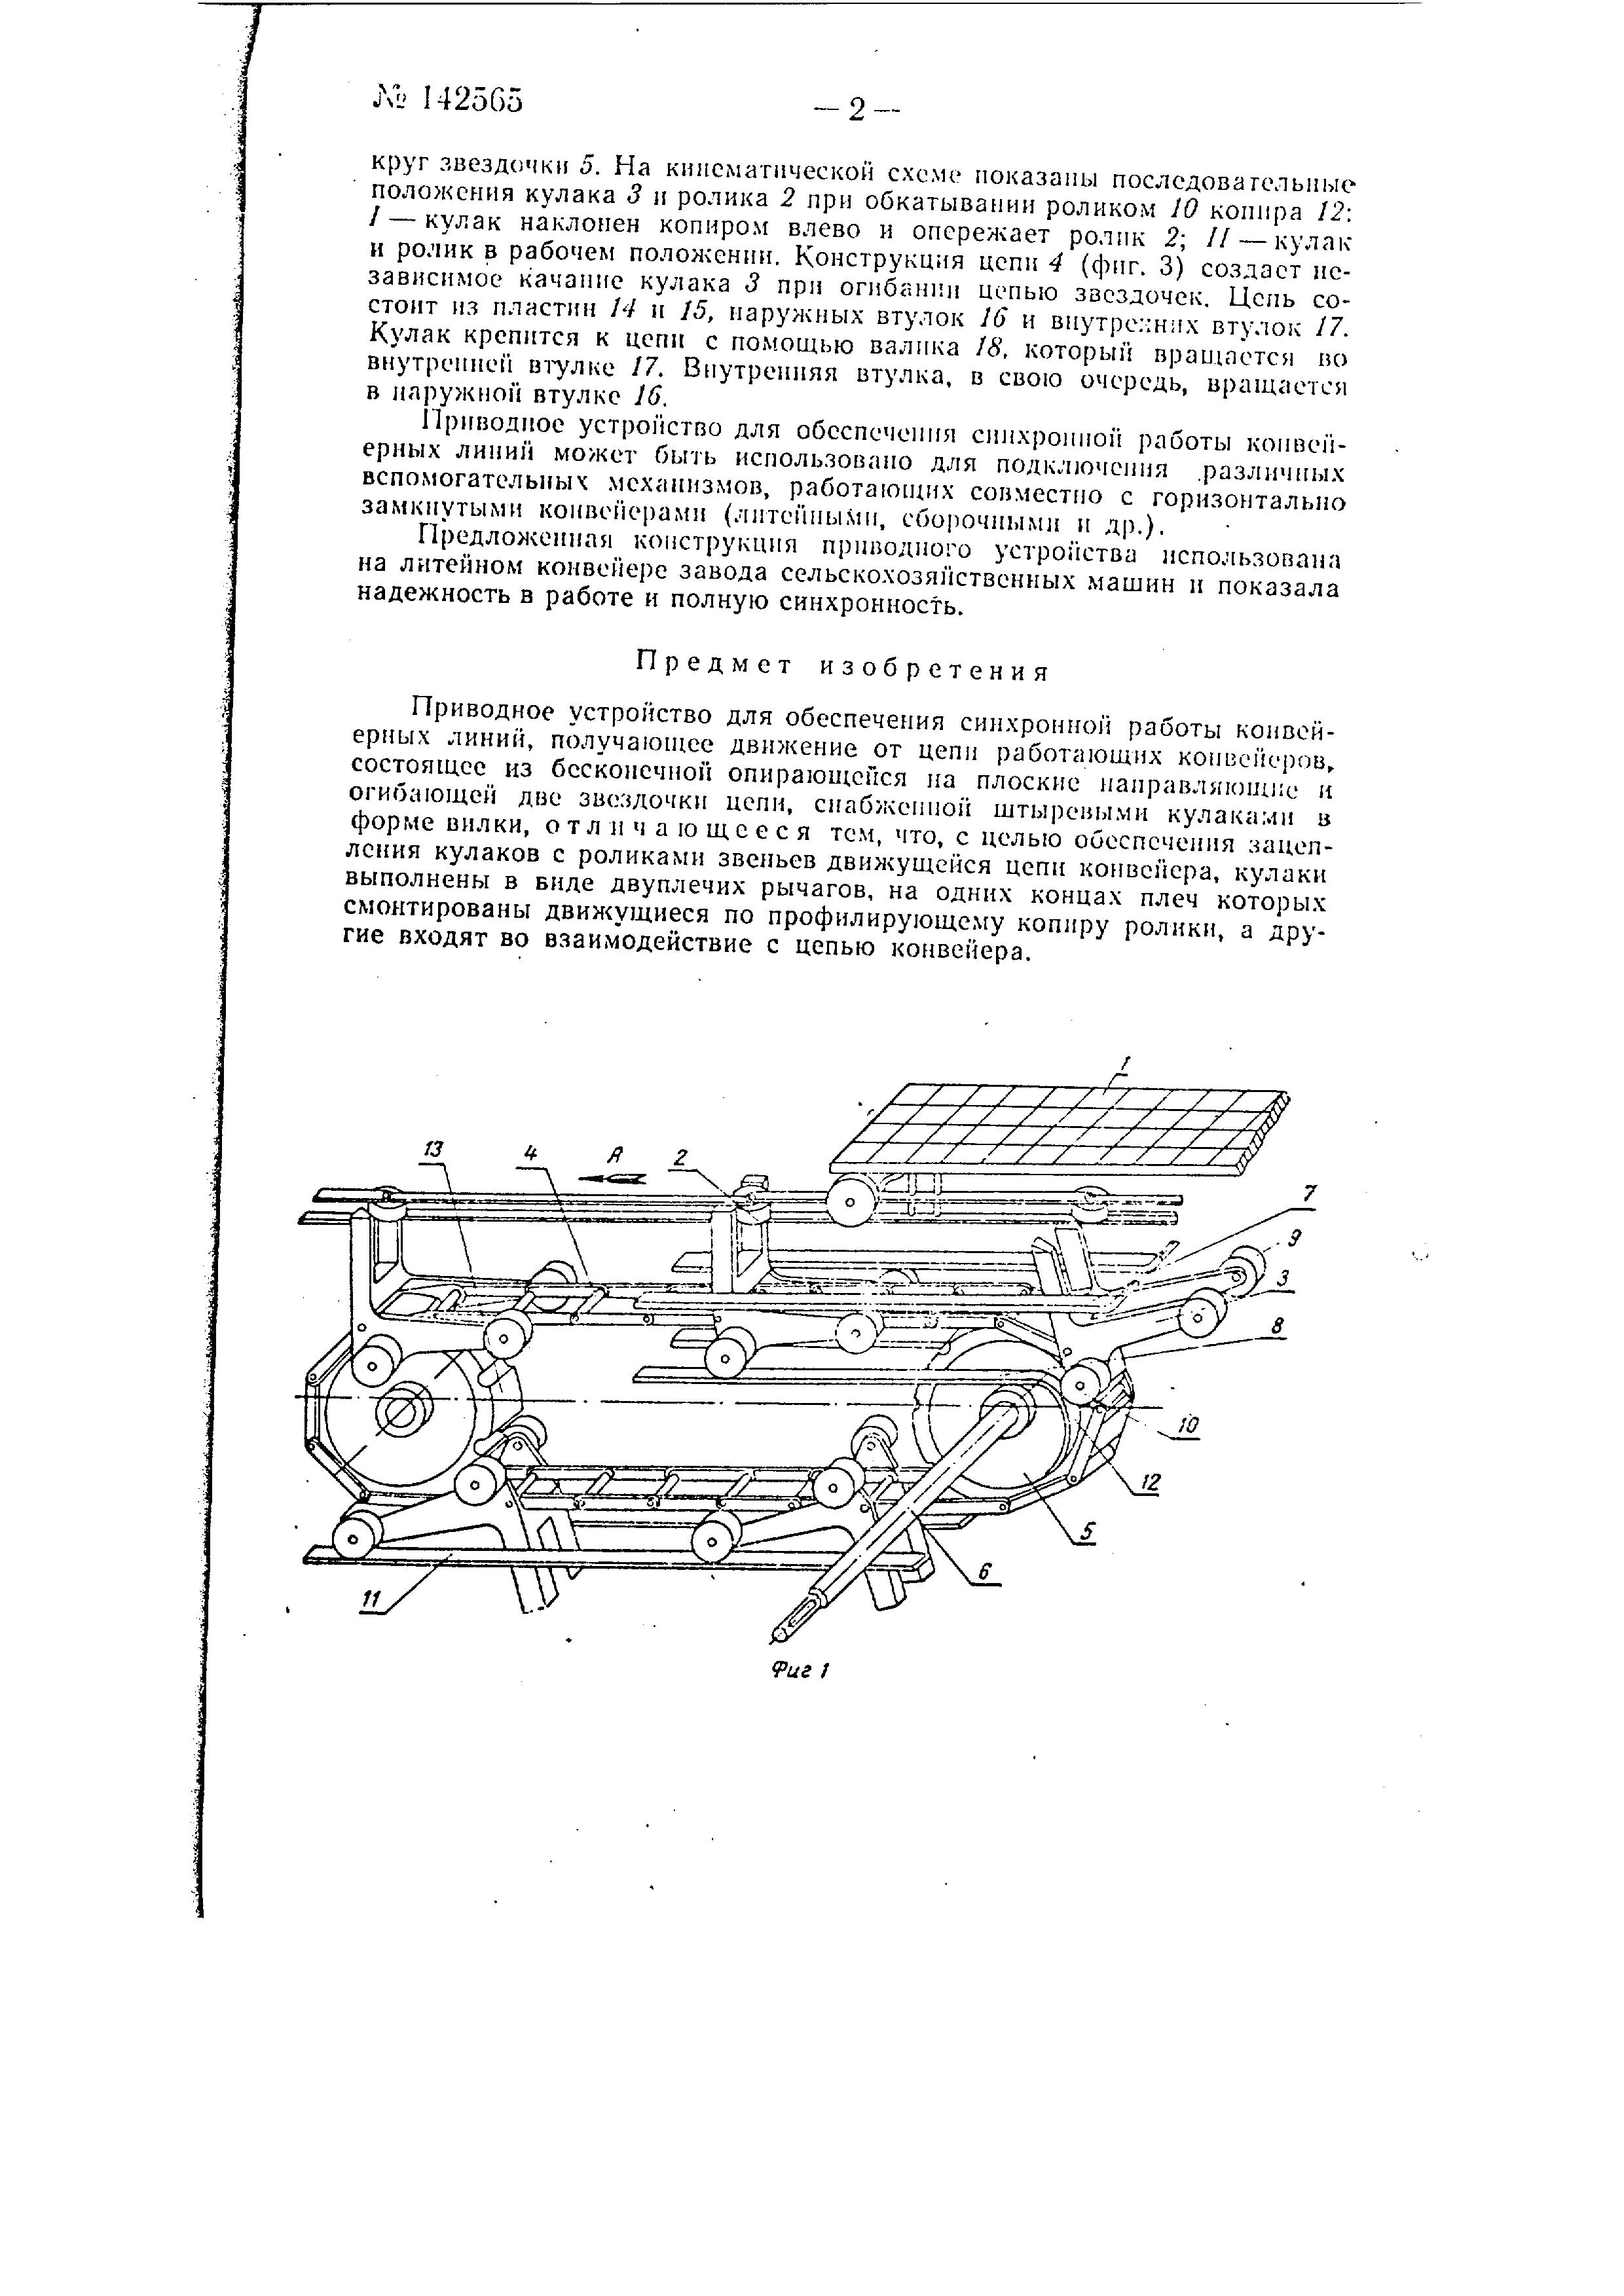 Тягового транспортера реферат конвейеры для транспортирования стружки